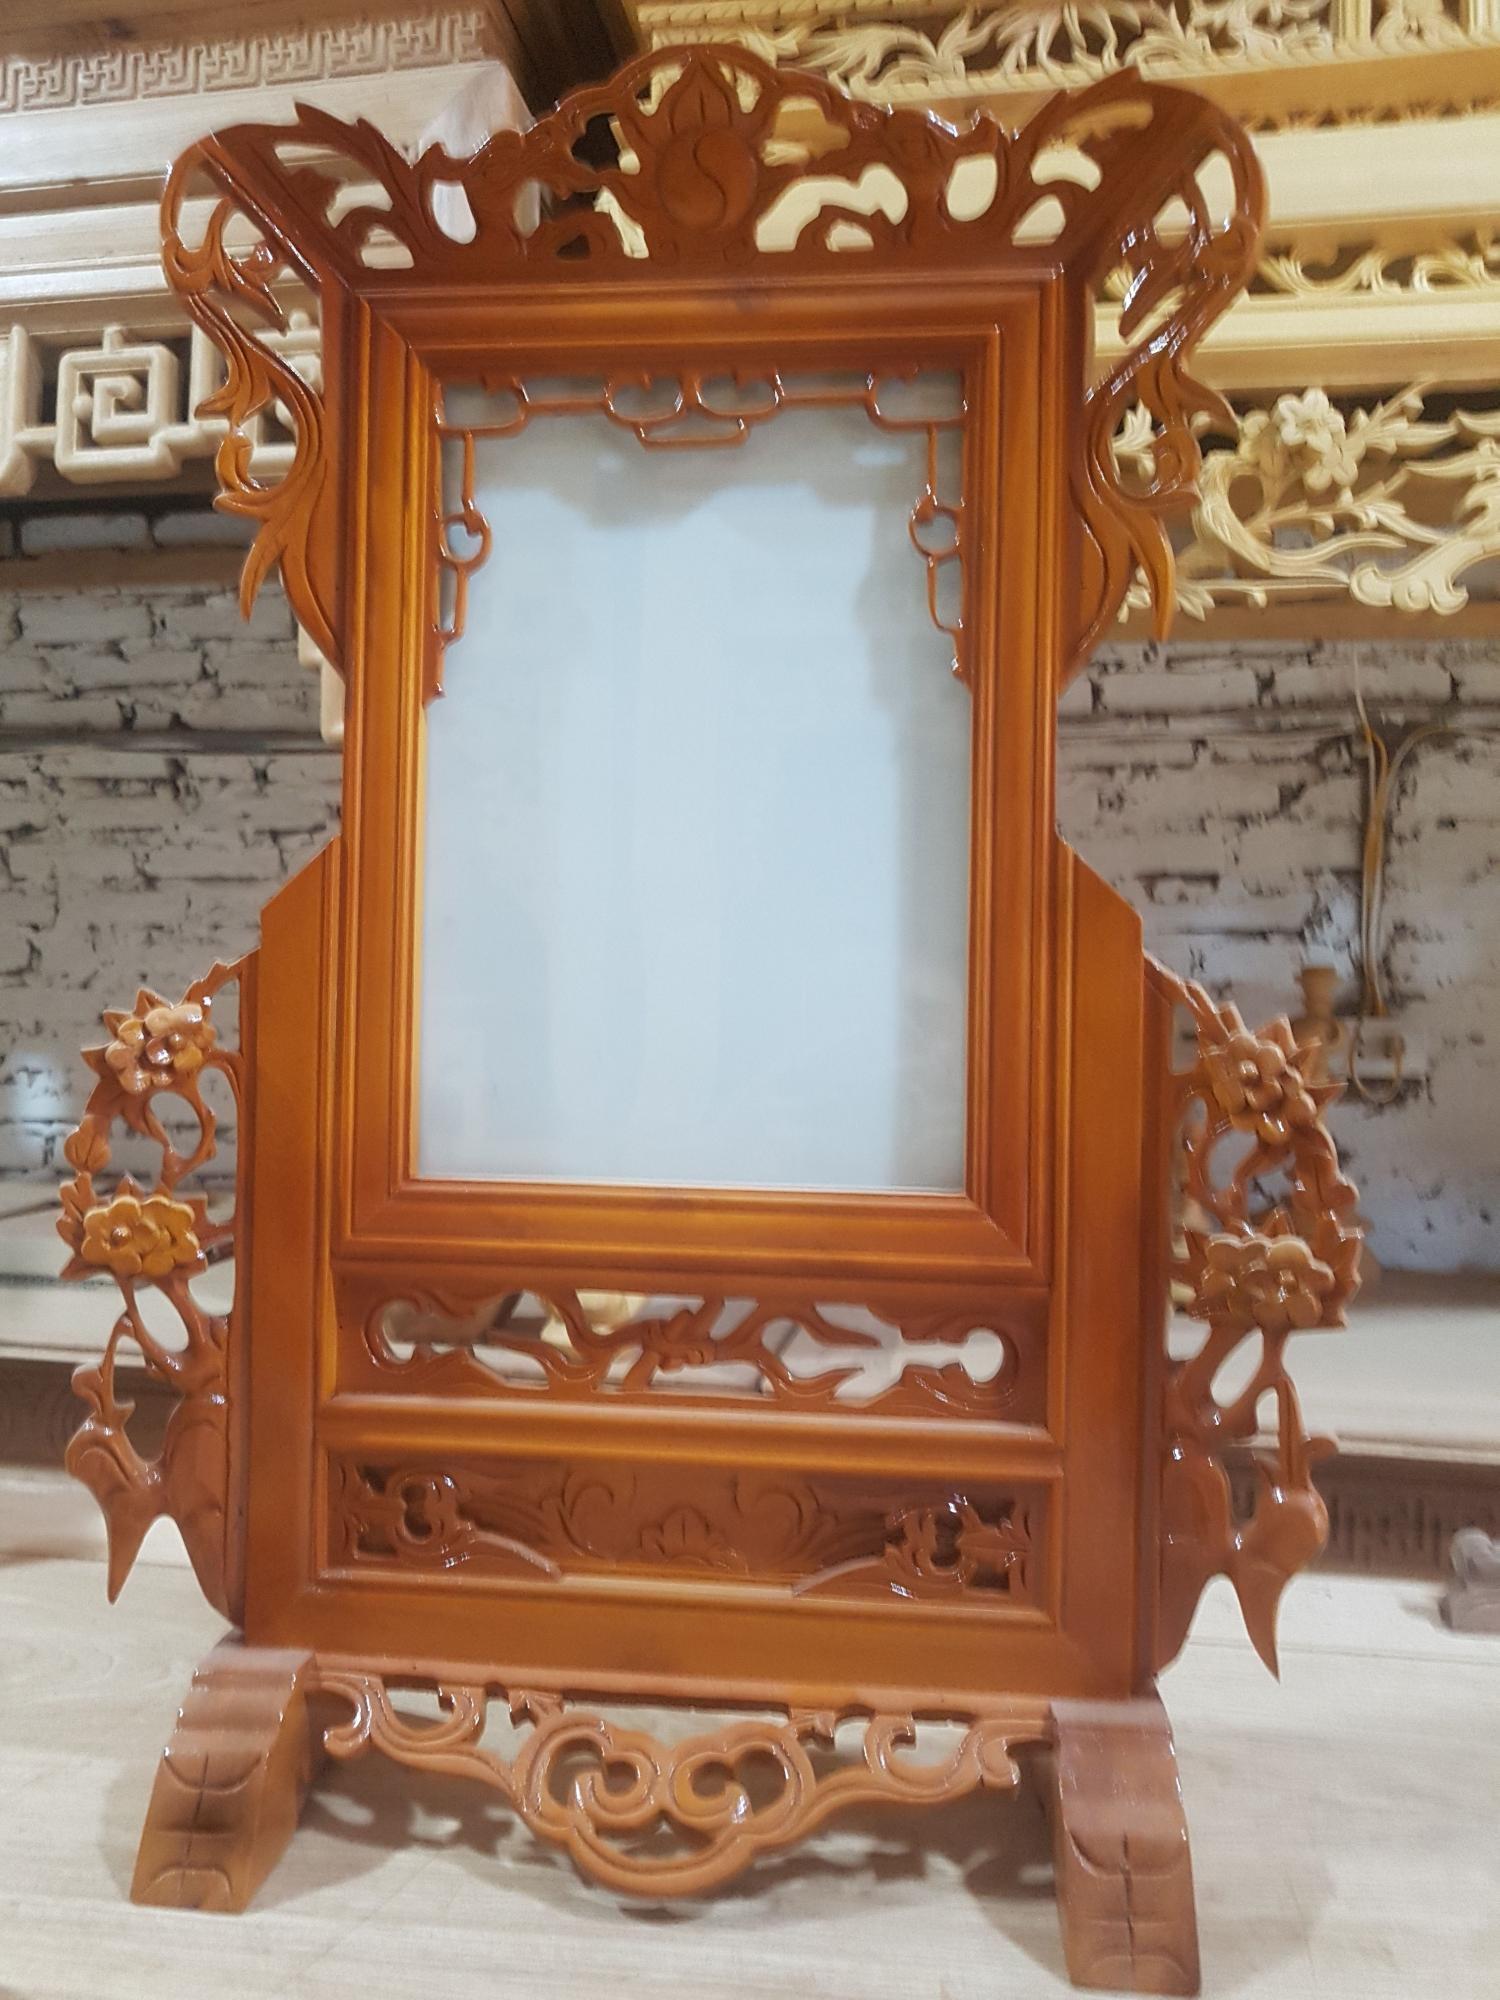 khung ảnh bàn thờ đẹp